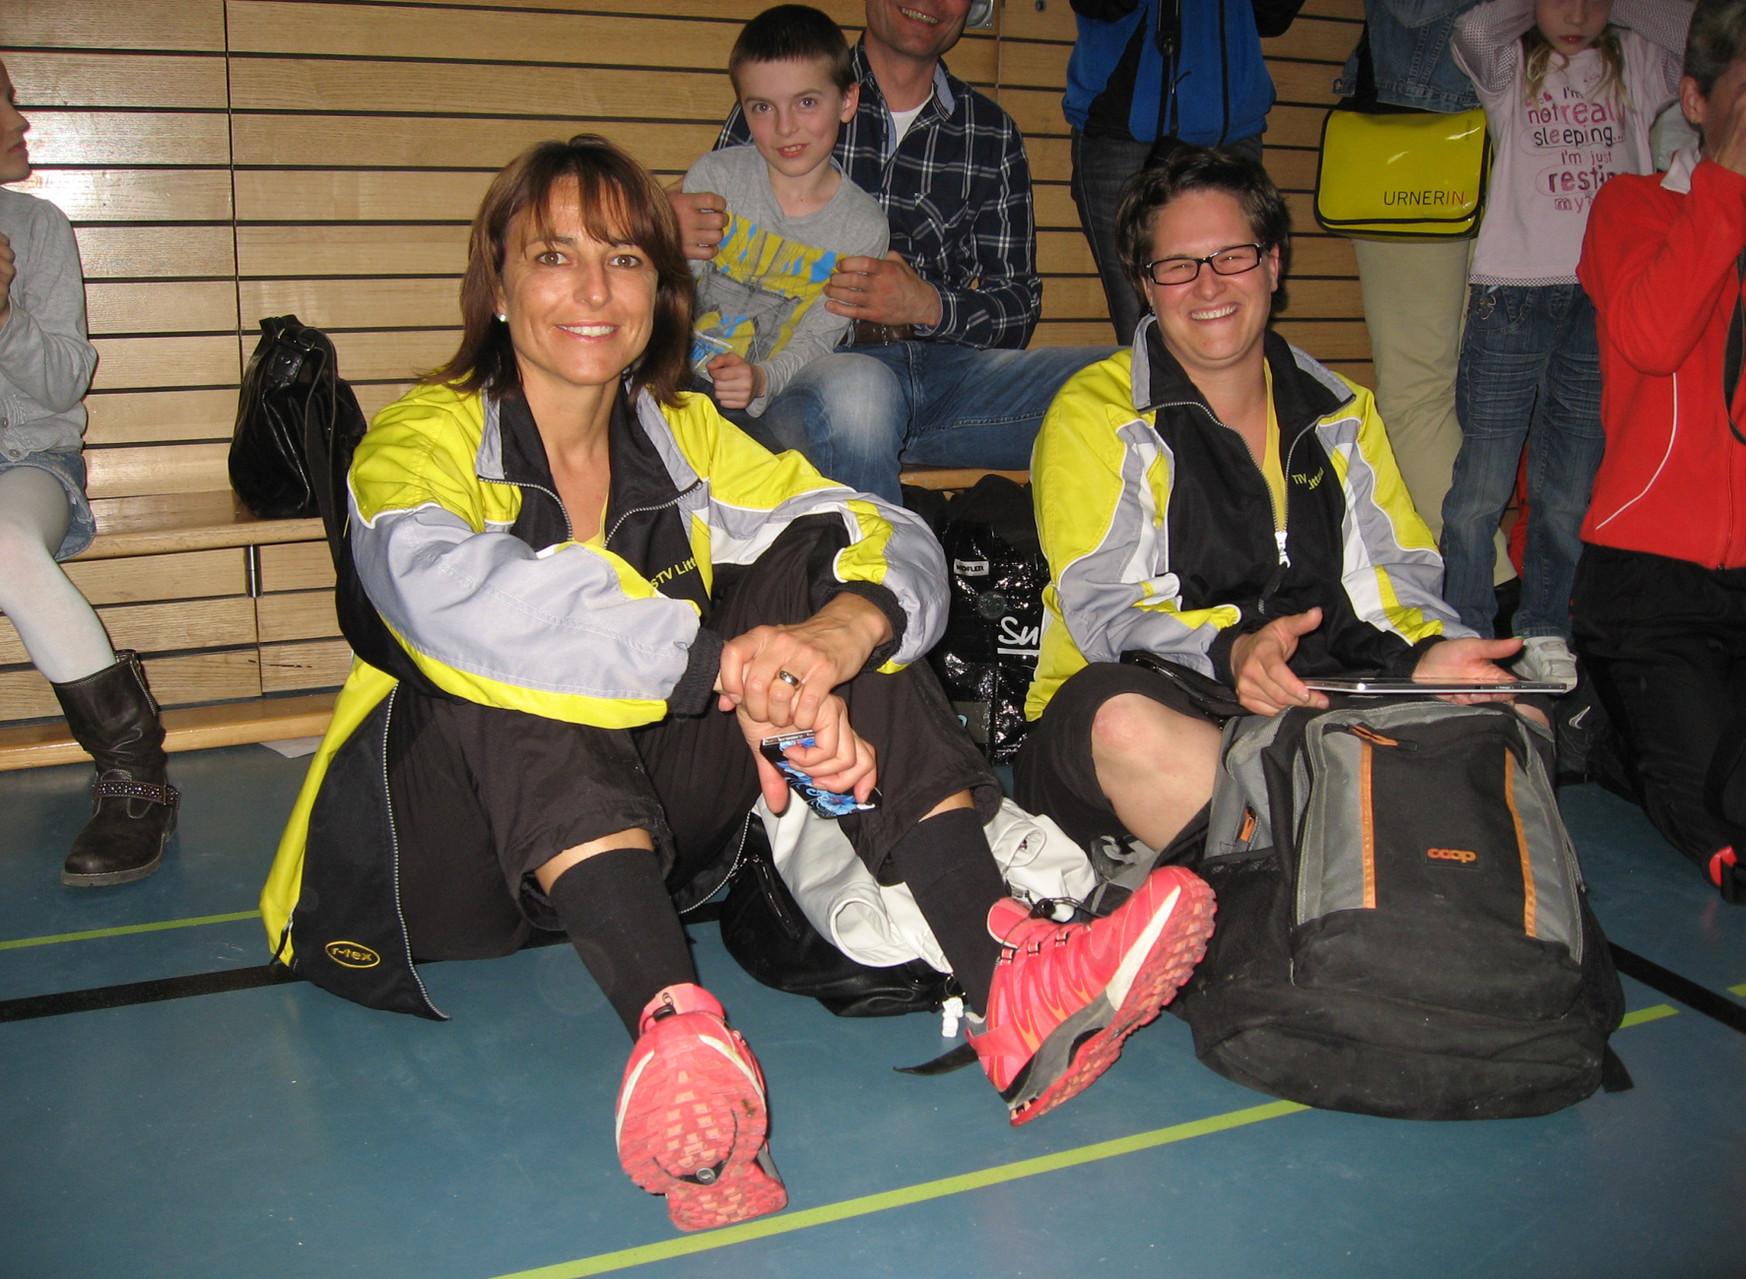 Manuela und Patricia-unsere Betreuerinnen